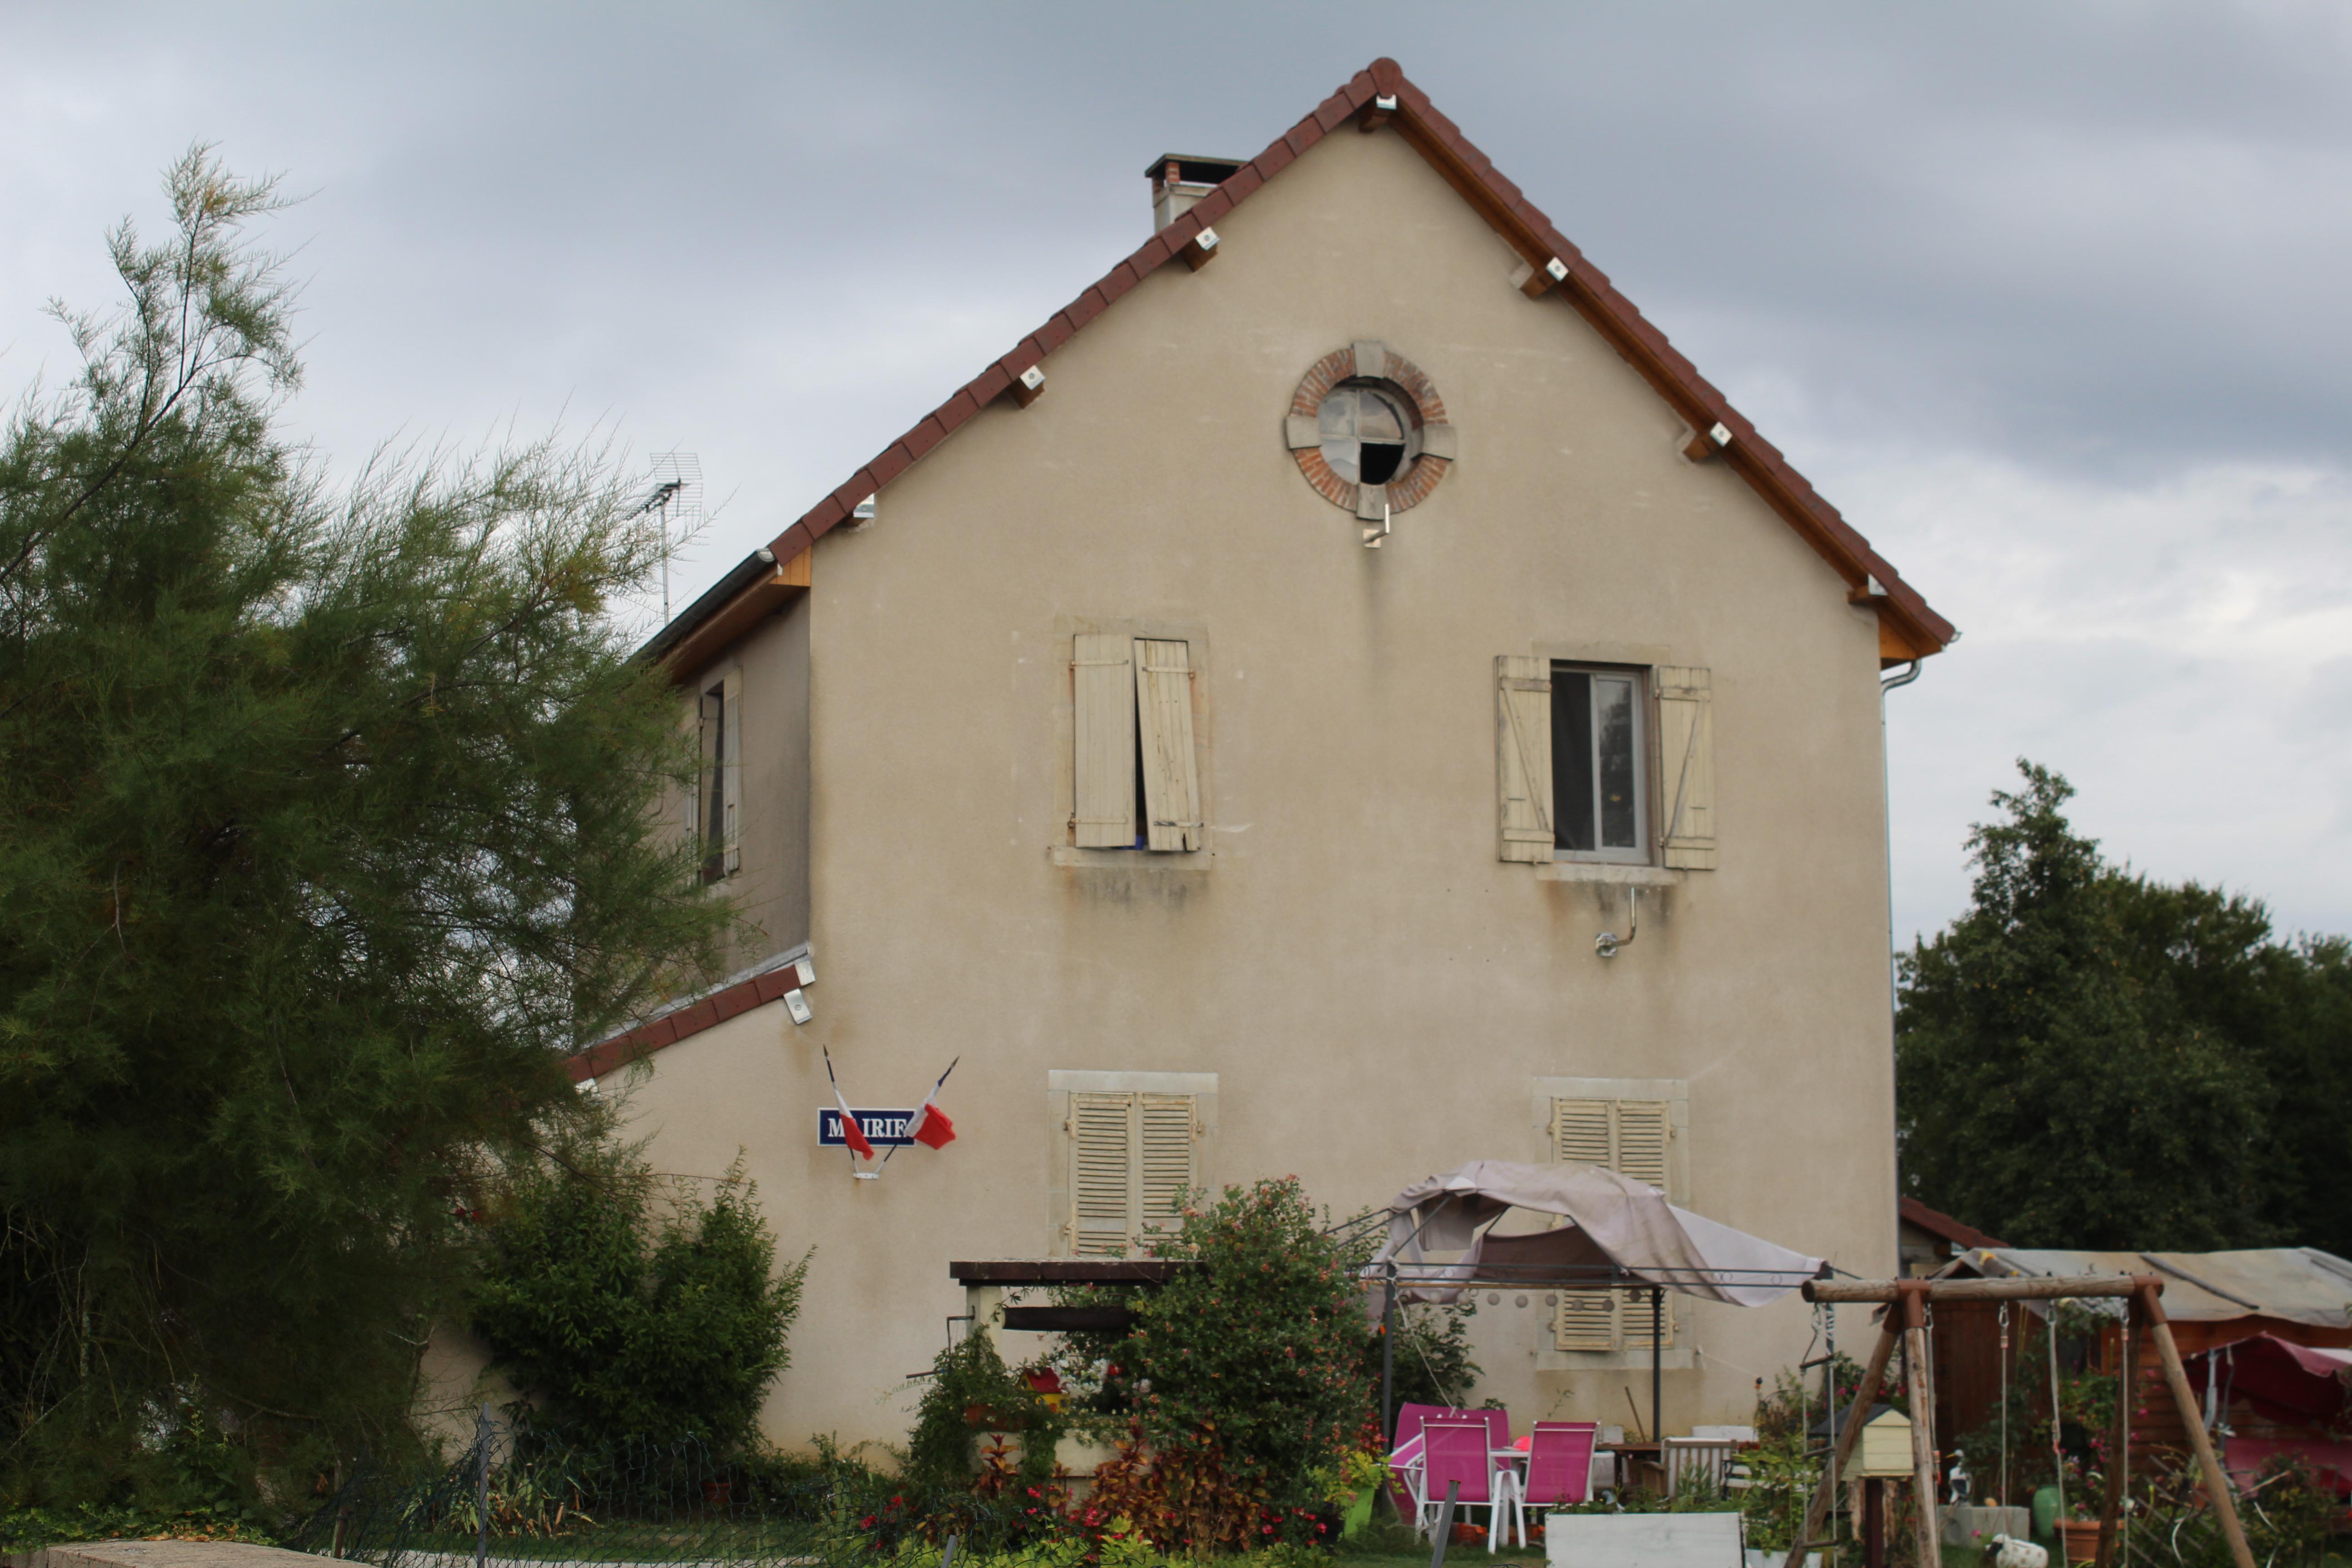 Froideville (Jura)